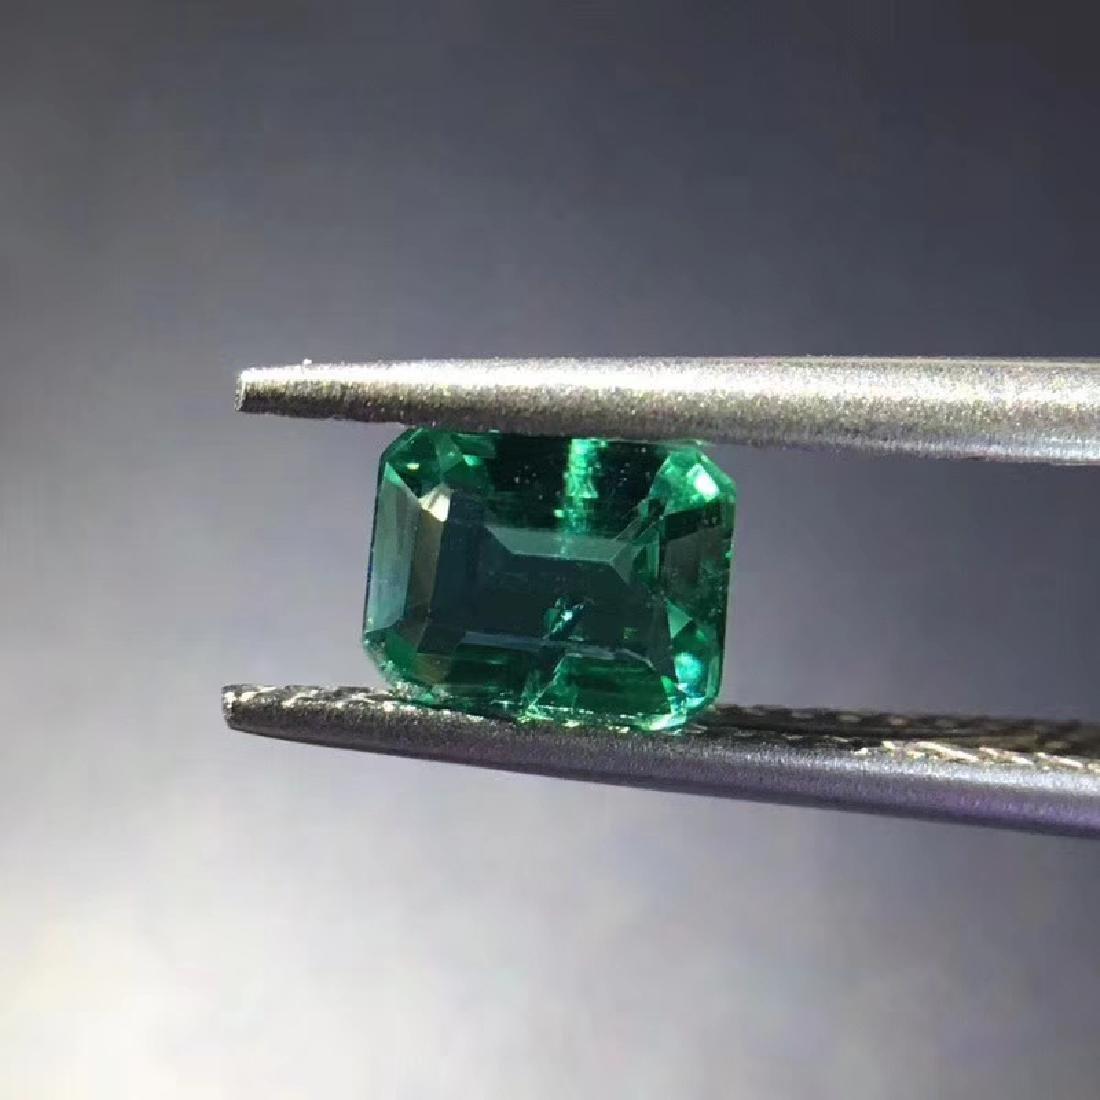 0.74 ct Emerald 5.8*4.5*3.4 mm square Cut